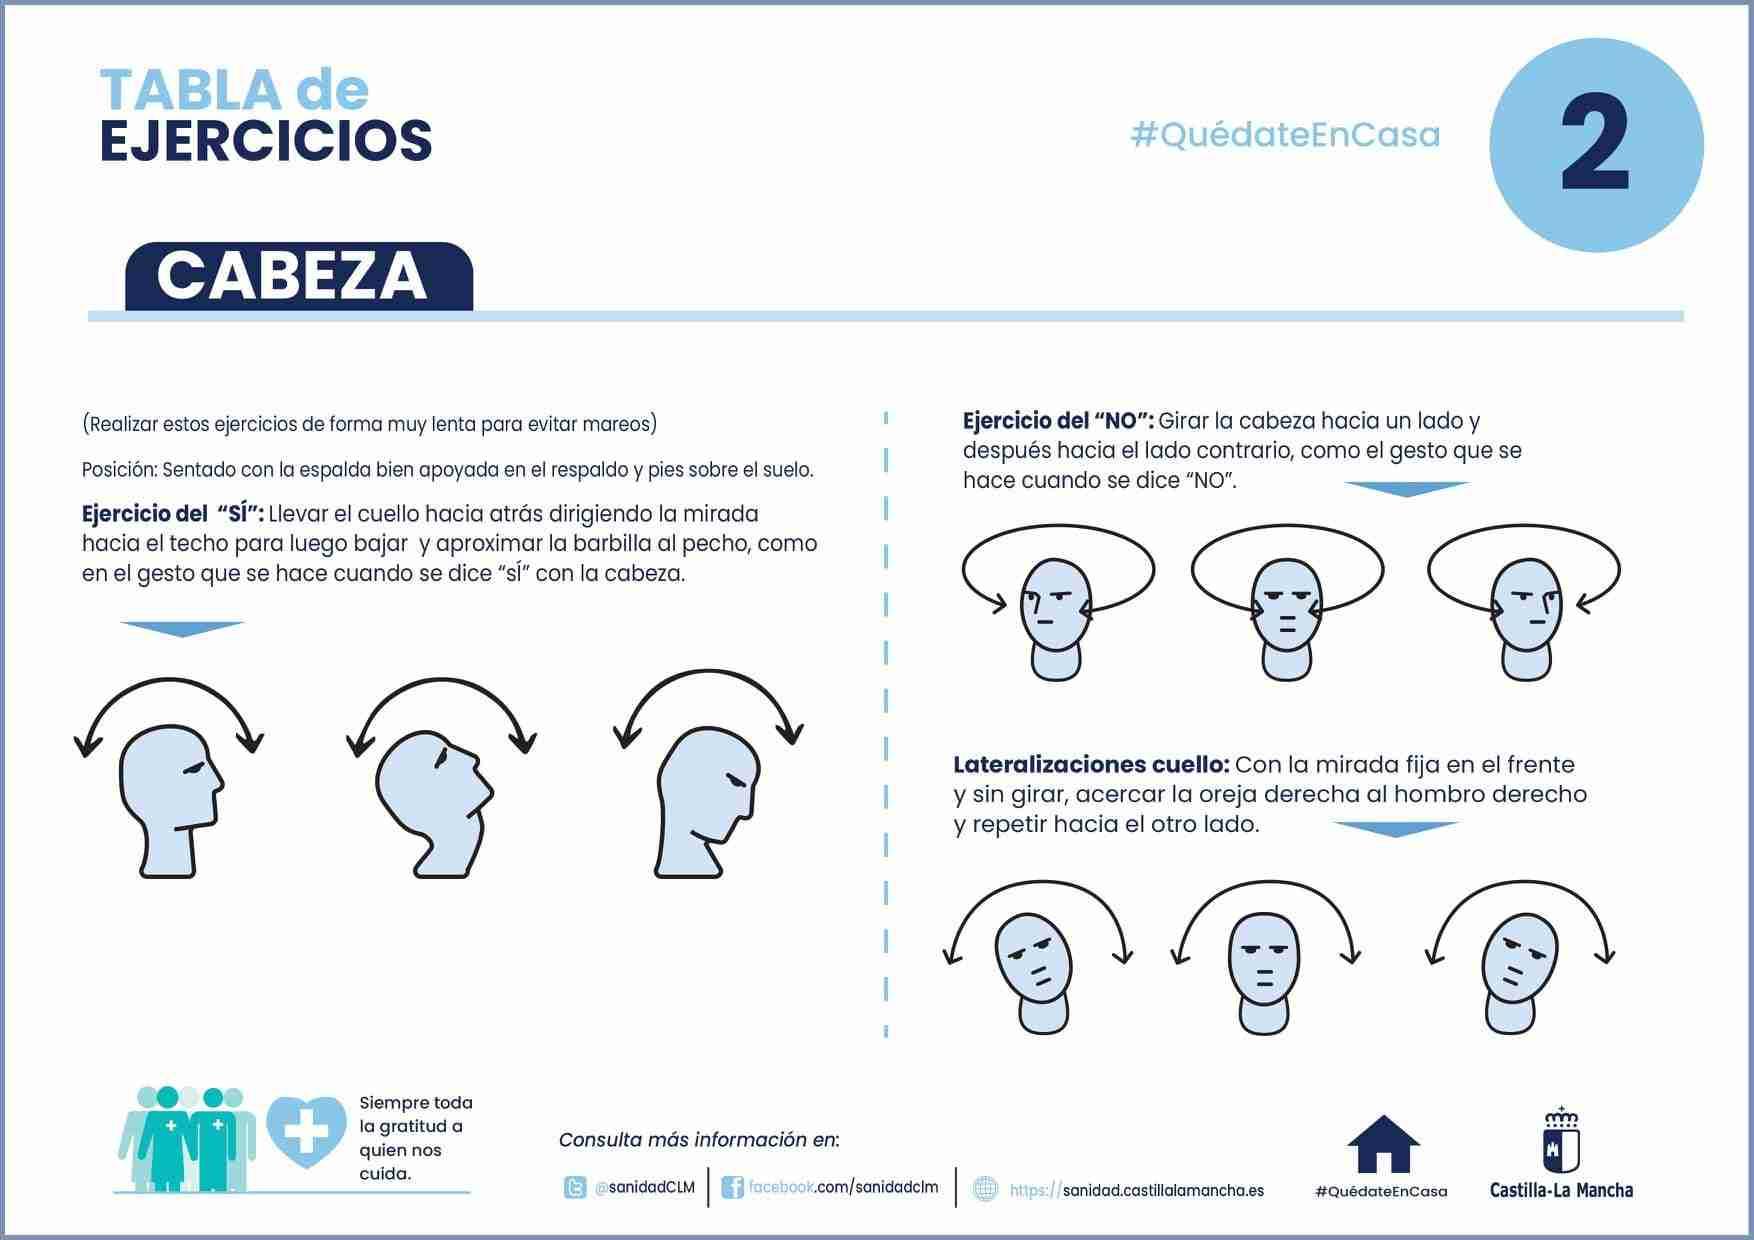 Ejercicios para mantenerse activo en casa durante el confinamiento. 12